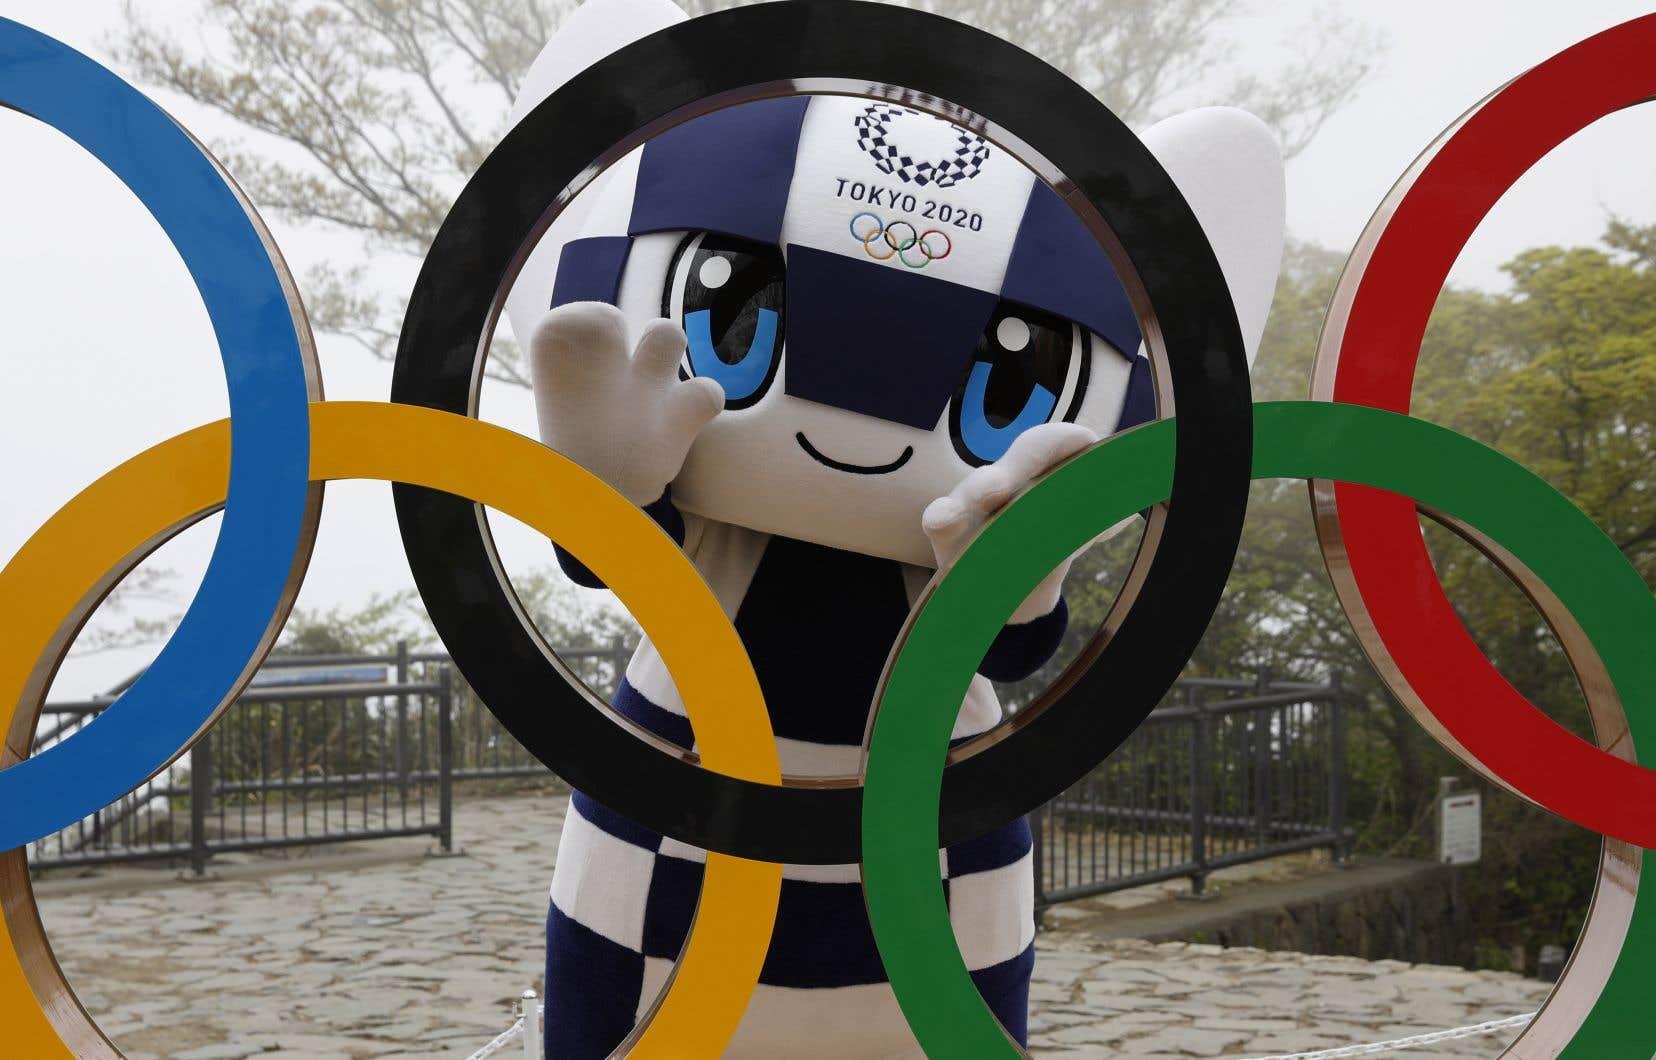 Les Jeux olympiques de Tokyo doivent se mettre en branle dans un peu plus de trois mois, le 23juillet, et les Jeux paralympiques suivront à compter du 24août.